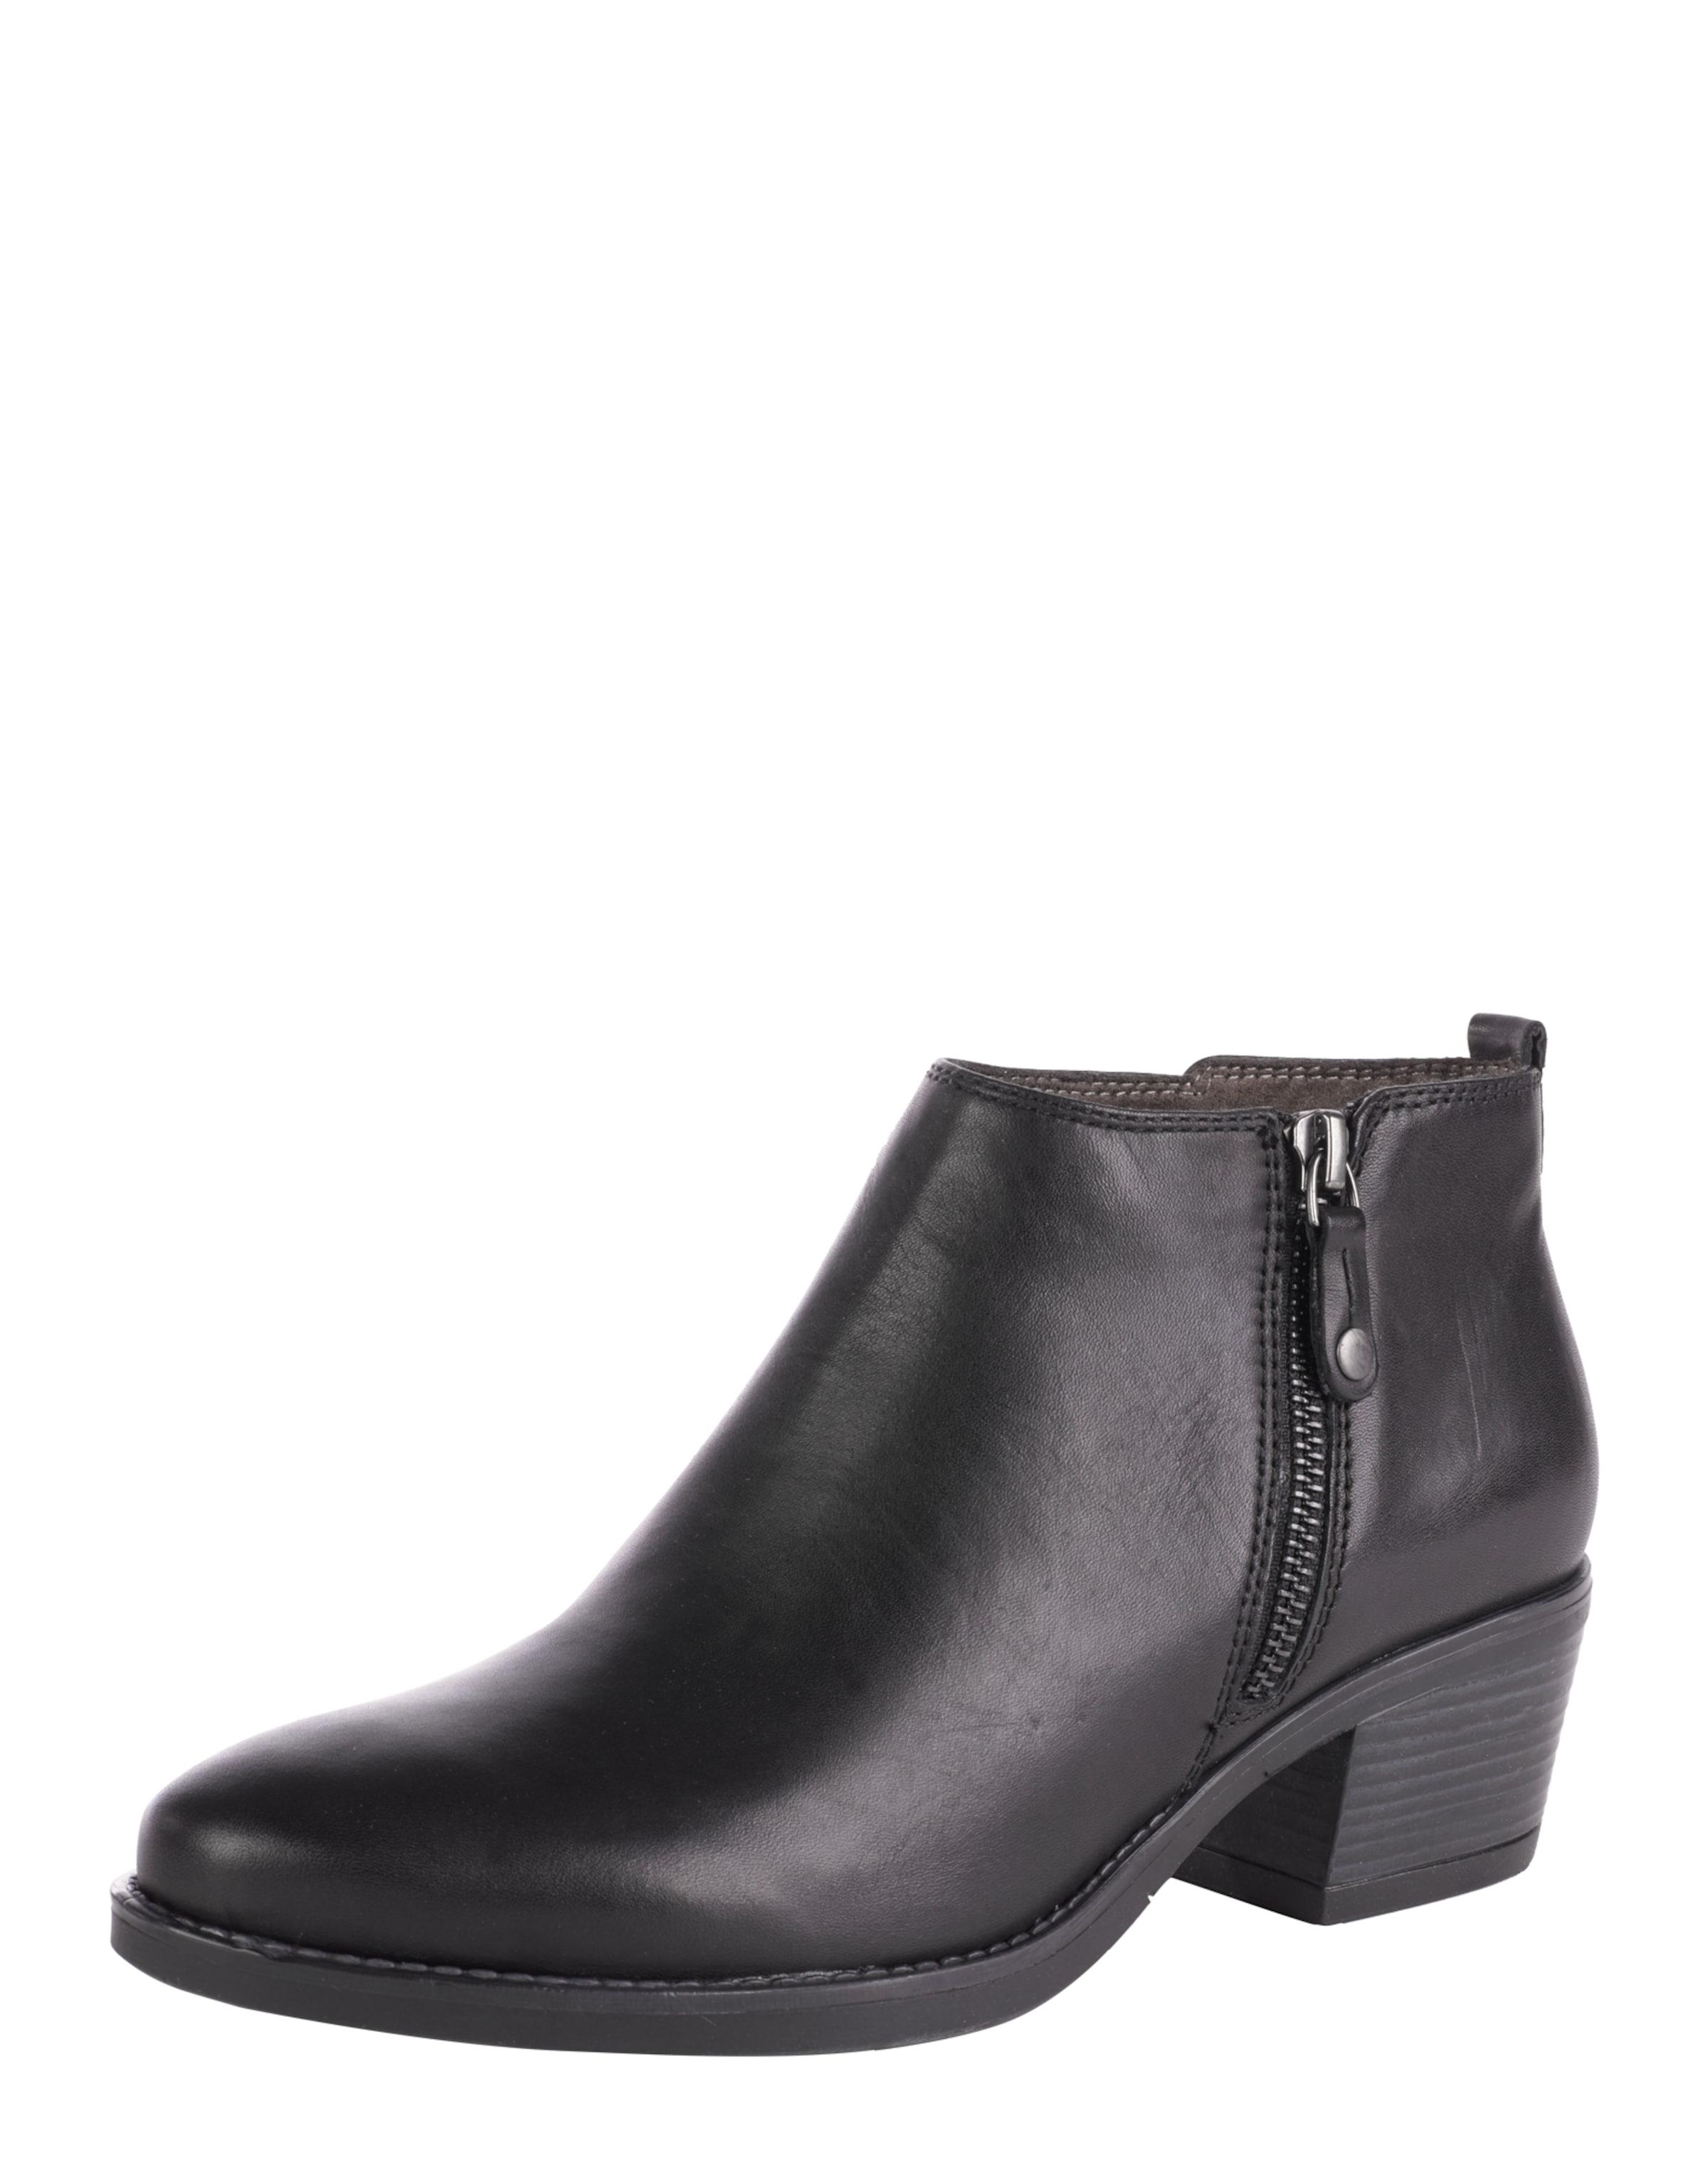 TAMARIS Ankleboots aus Leder Verschleißfeste billige Schuhe